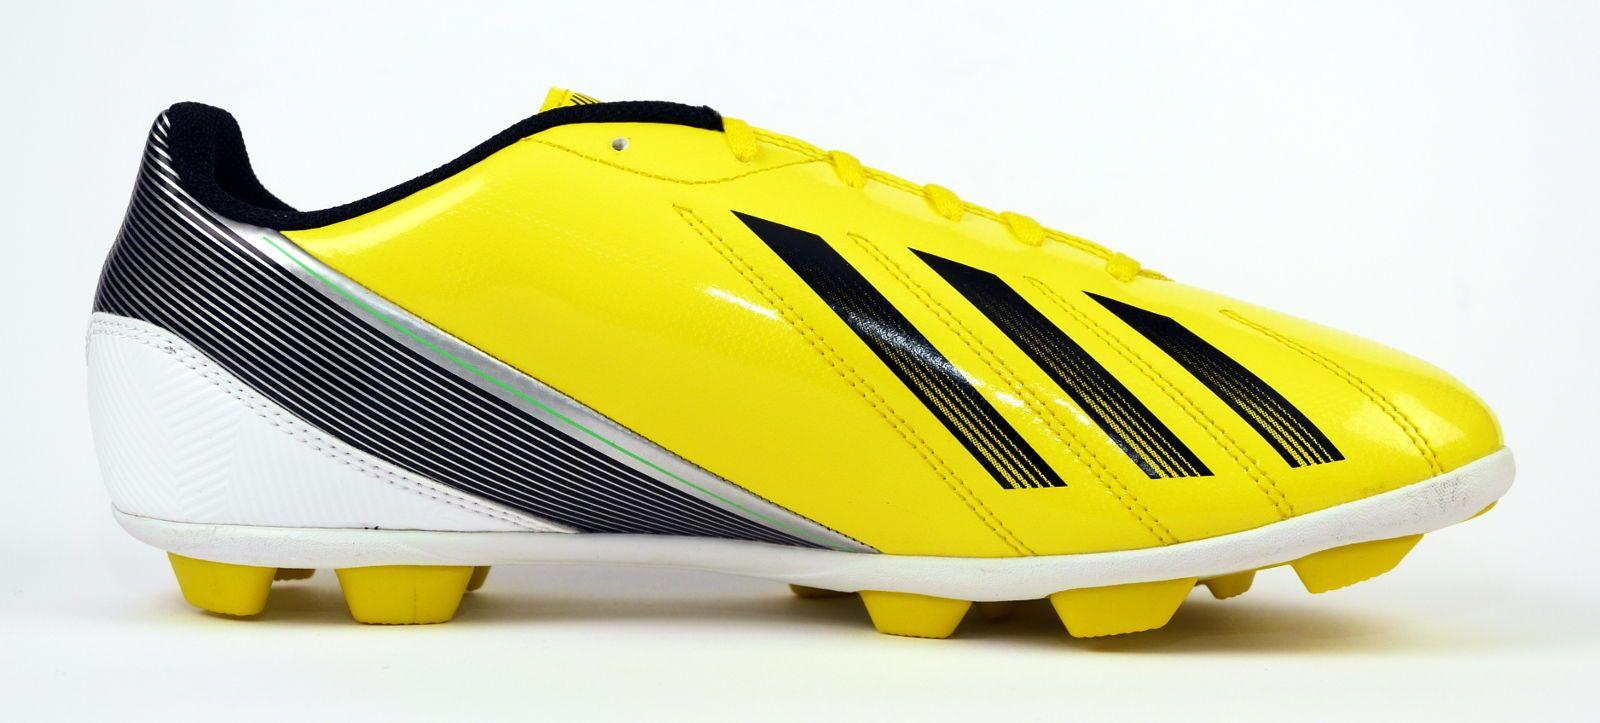 official photos 11482 9d64e Adidas F5 TRX HG gelb Gr. 42 + 44 23 Fußballschuhe http